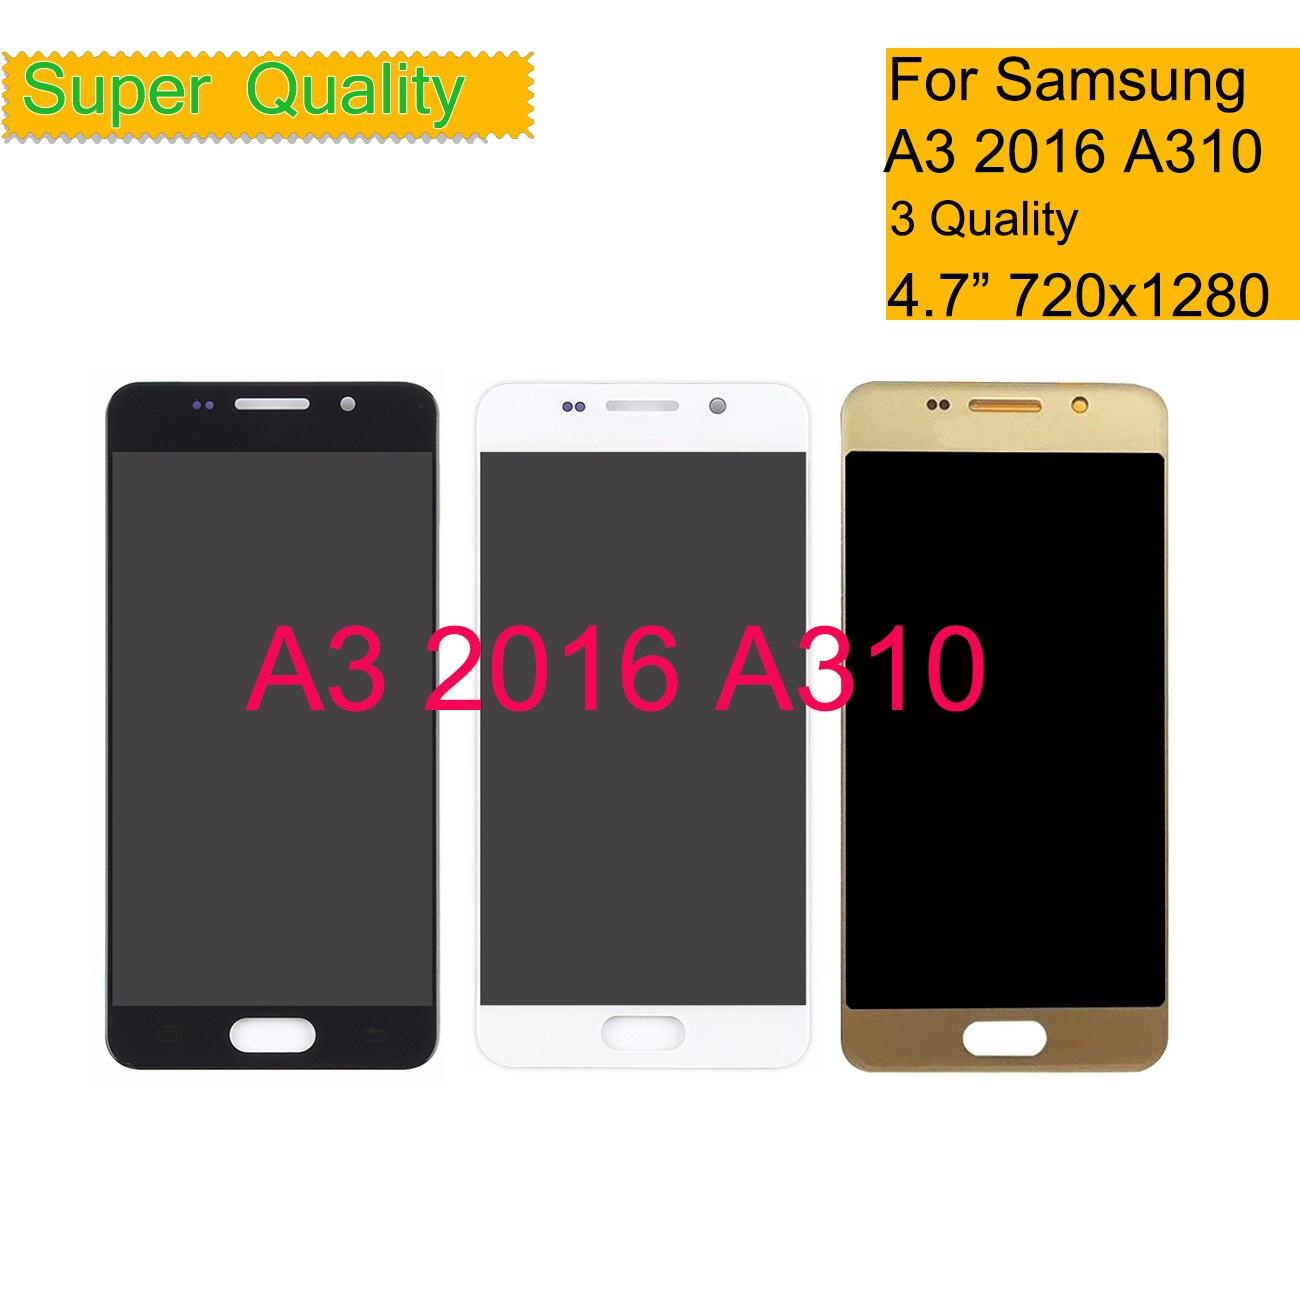 A310 pour Samsung Galaxy A3 2016 A310 A310F A310H A310M écran tactile numériseur verre LCD panneau d'affichage LCD assemblage complet